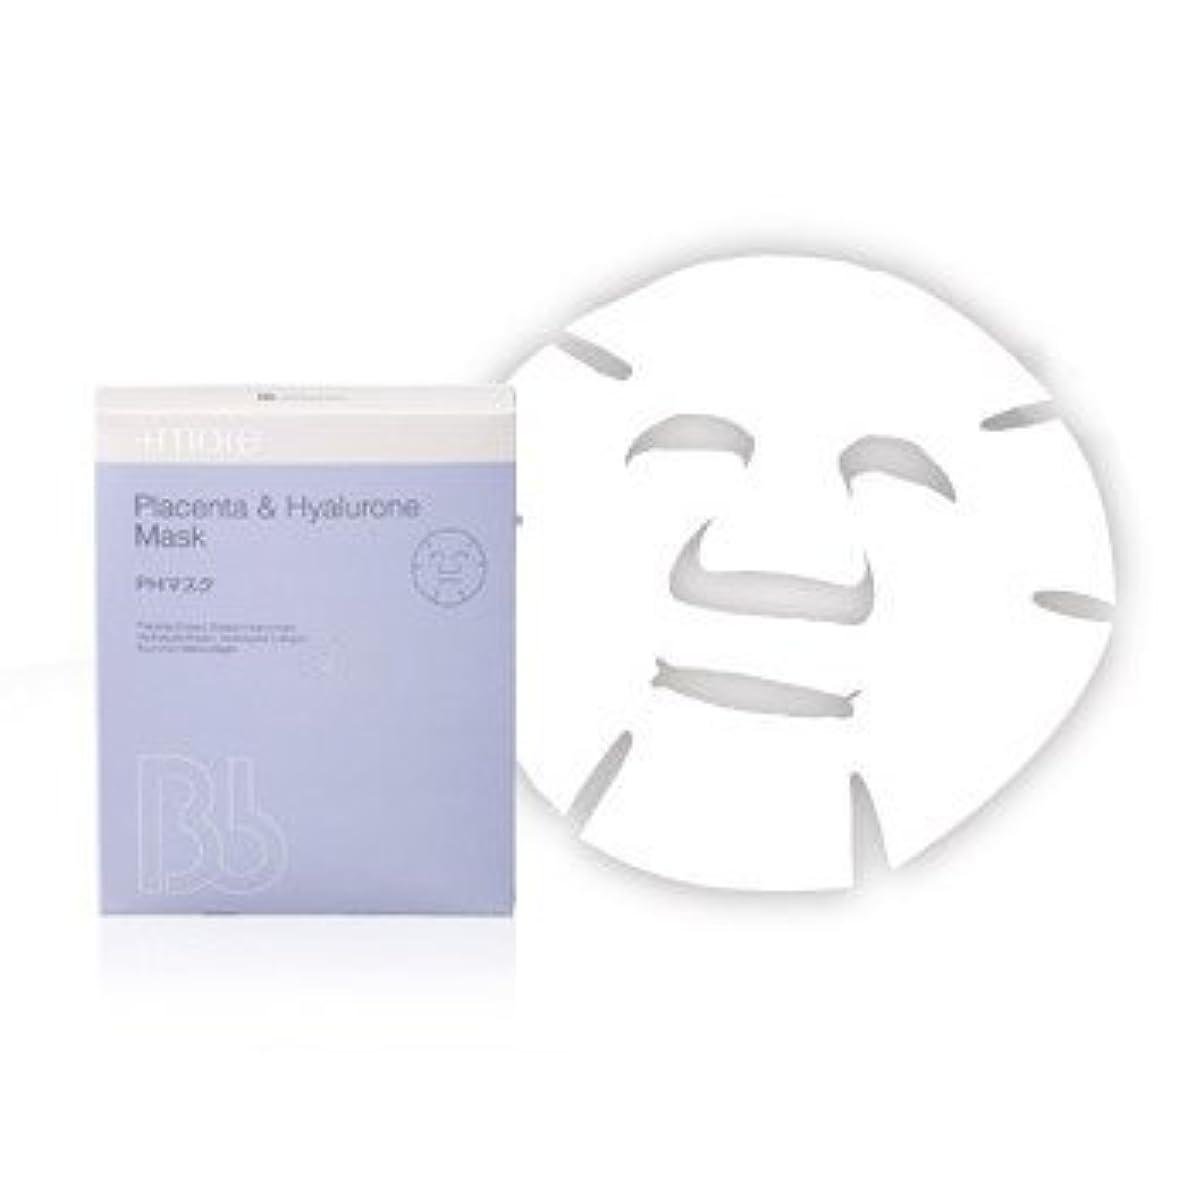 一過性配管工自動的にBbラボラトリーズ プラセンタ ヒアルロンマスク PHマスク(パック) 30ml 4枚入り